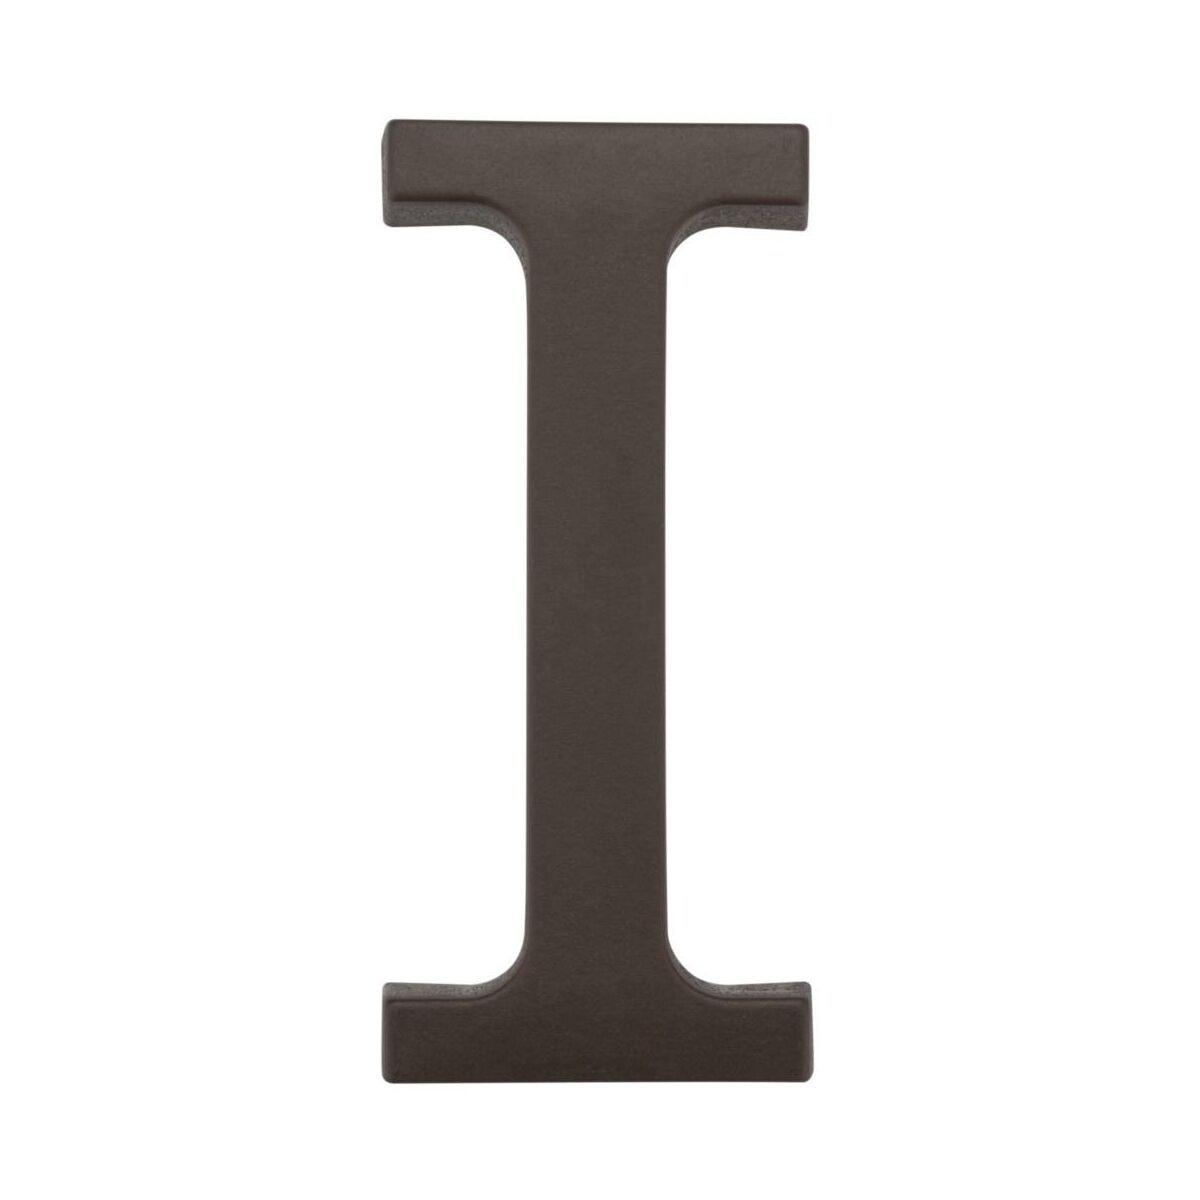 Litera I Wys 9 Cm Numery Na Domy I Drzwi W Atrakcyjnej Cenie W